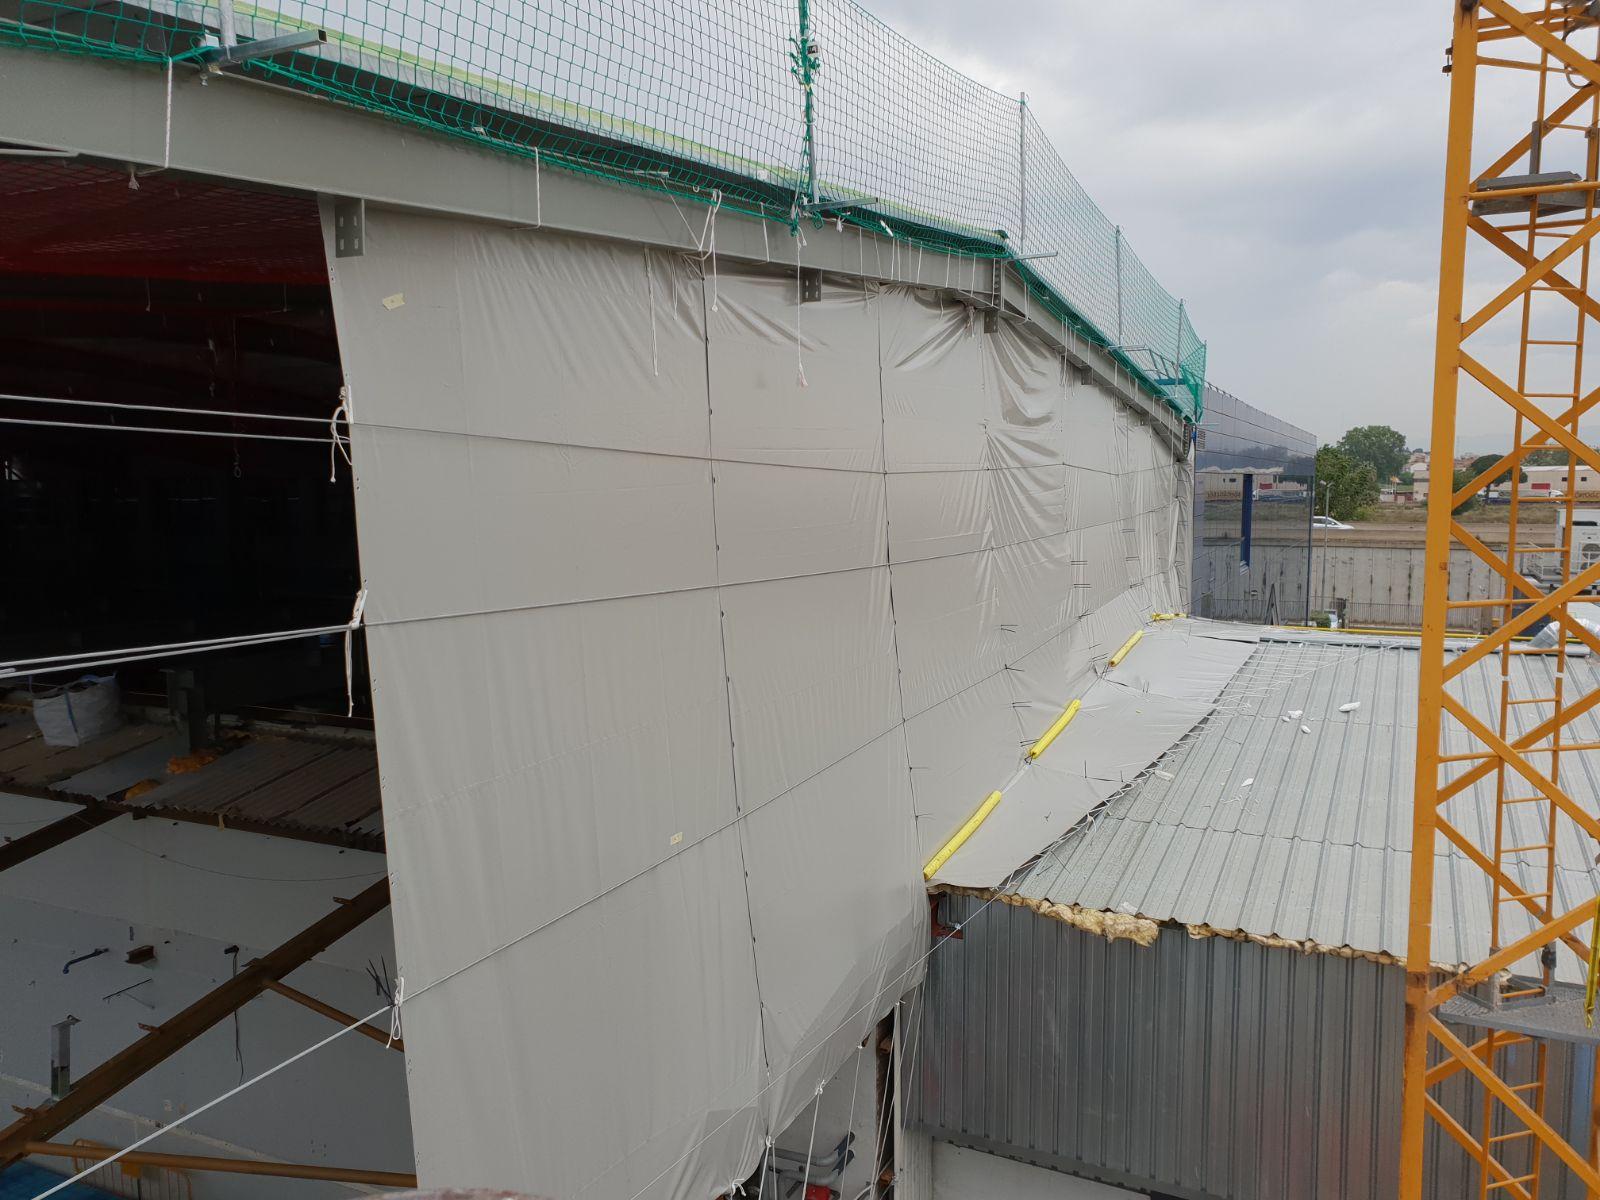 Coberta provisional del lateral d'una nau per poder retirar el sostre i evitar l'entrada d'aigua.